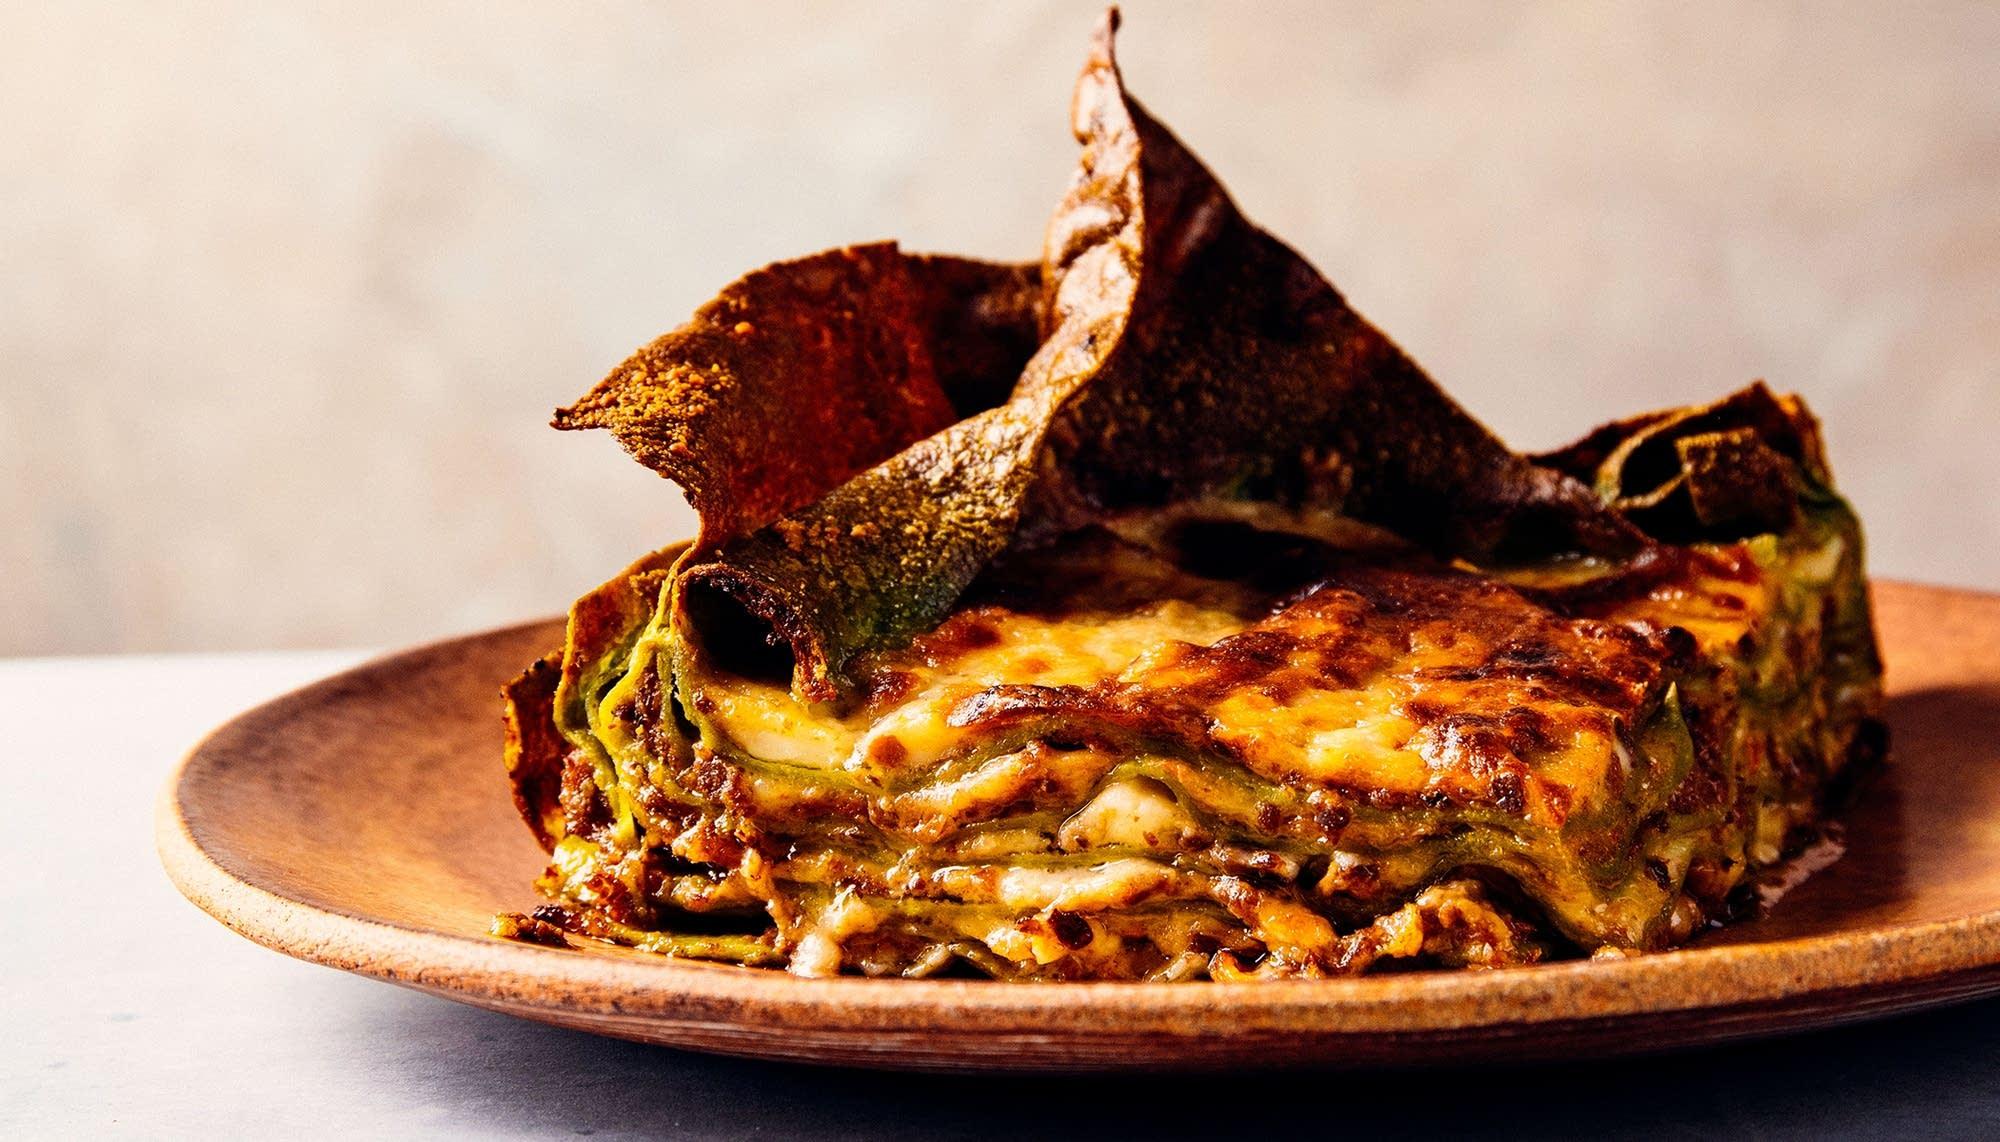 Ricetta Lasagne Verdi Alla Bolognese.Lasagna Verde Alla Bolognese The Splendid Table